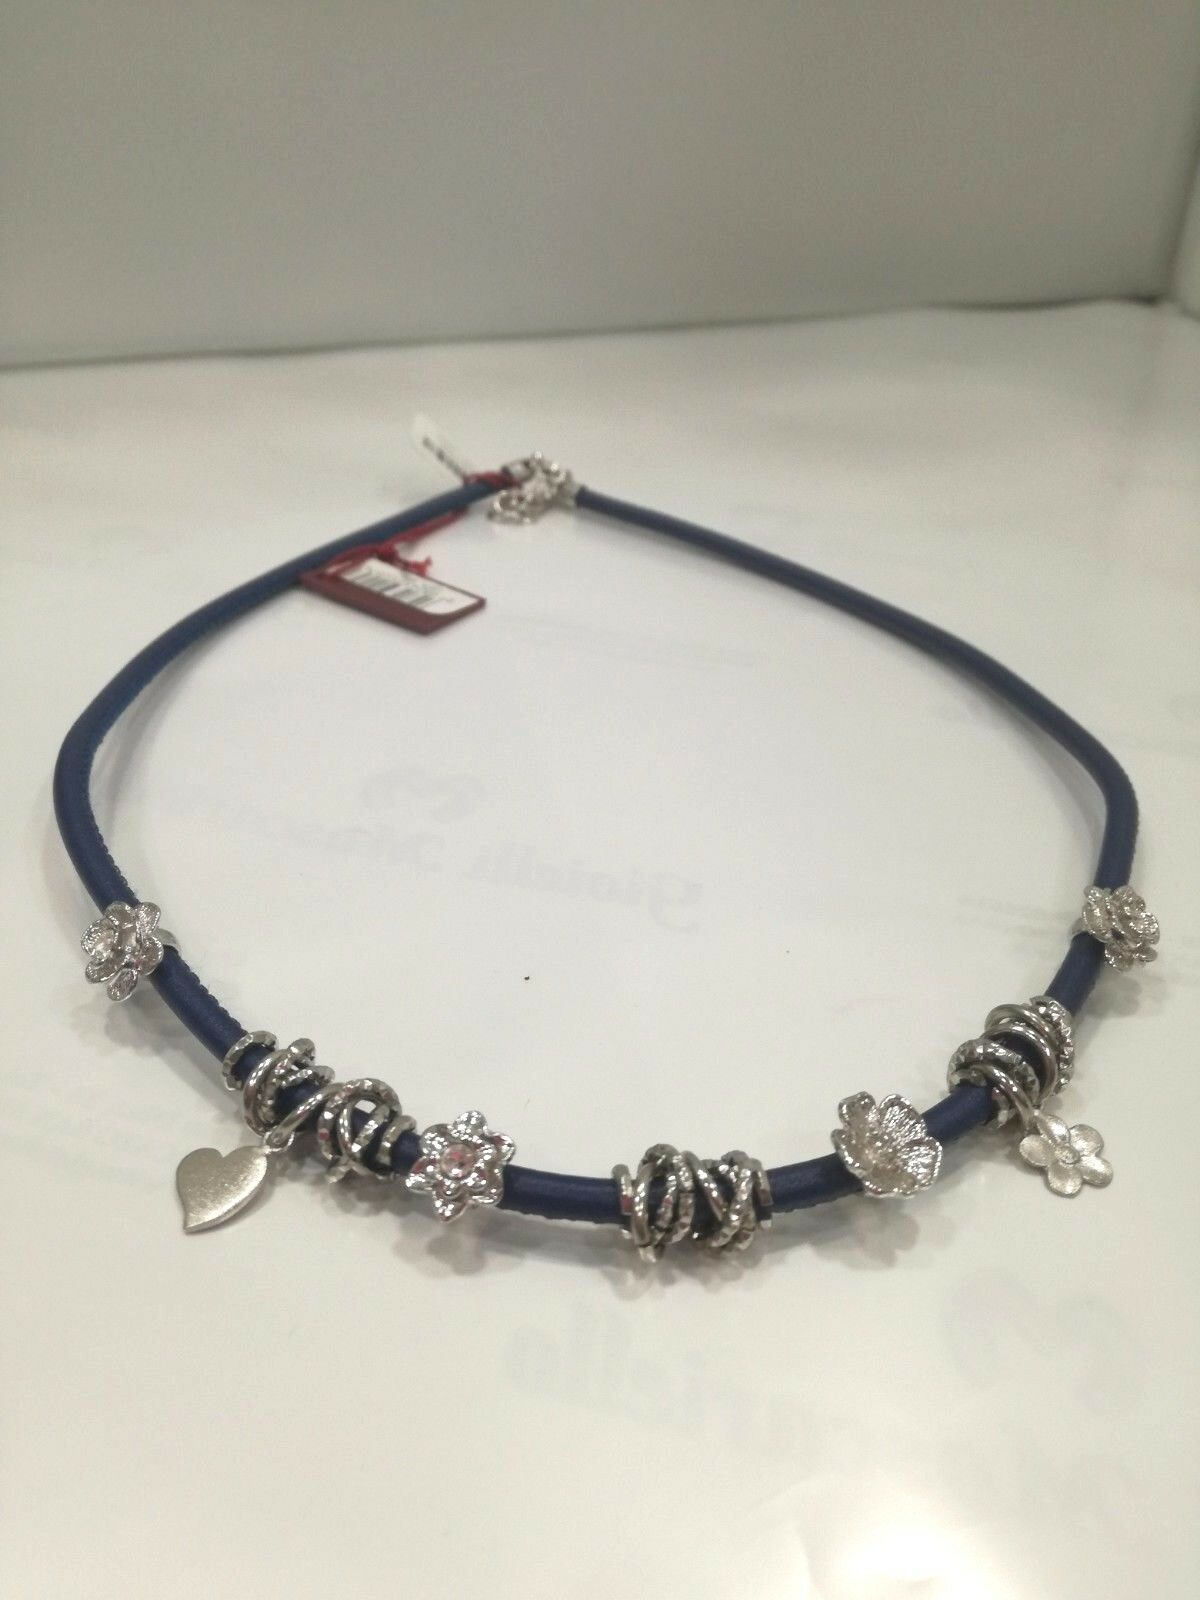 Girocollo Collana donna in pelle blu con charm L2271_0002 LISTINO 49